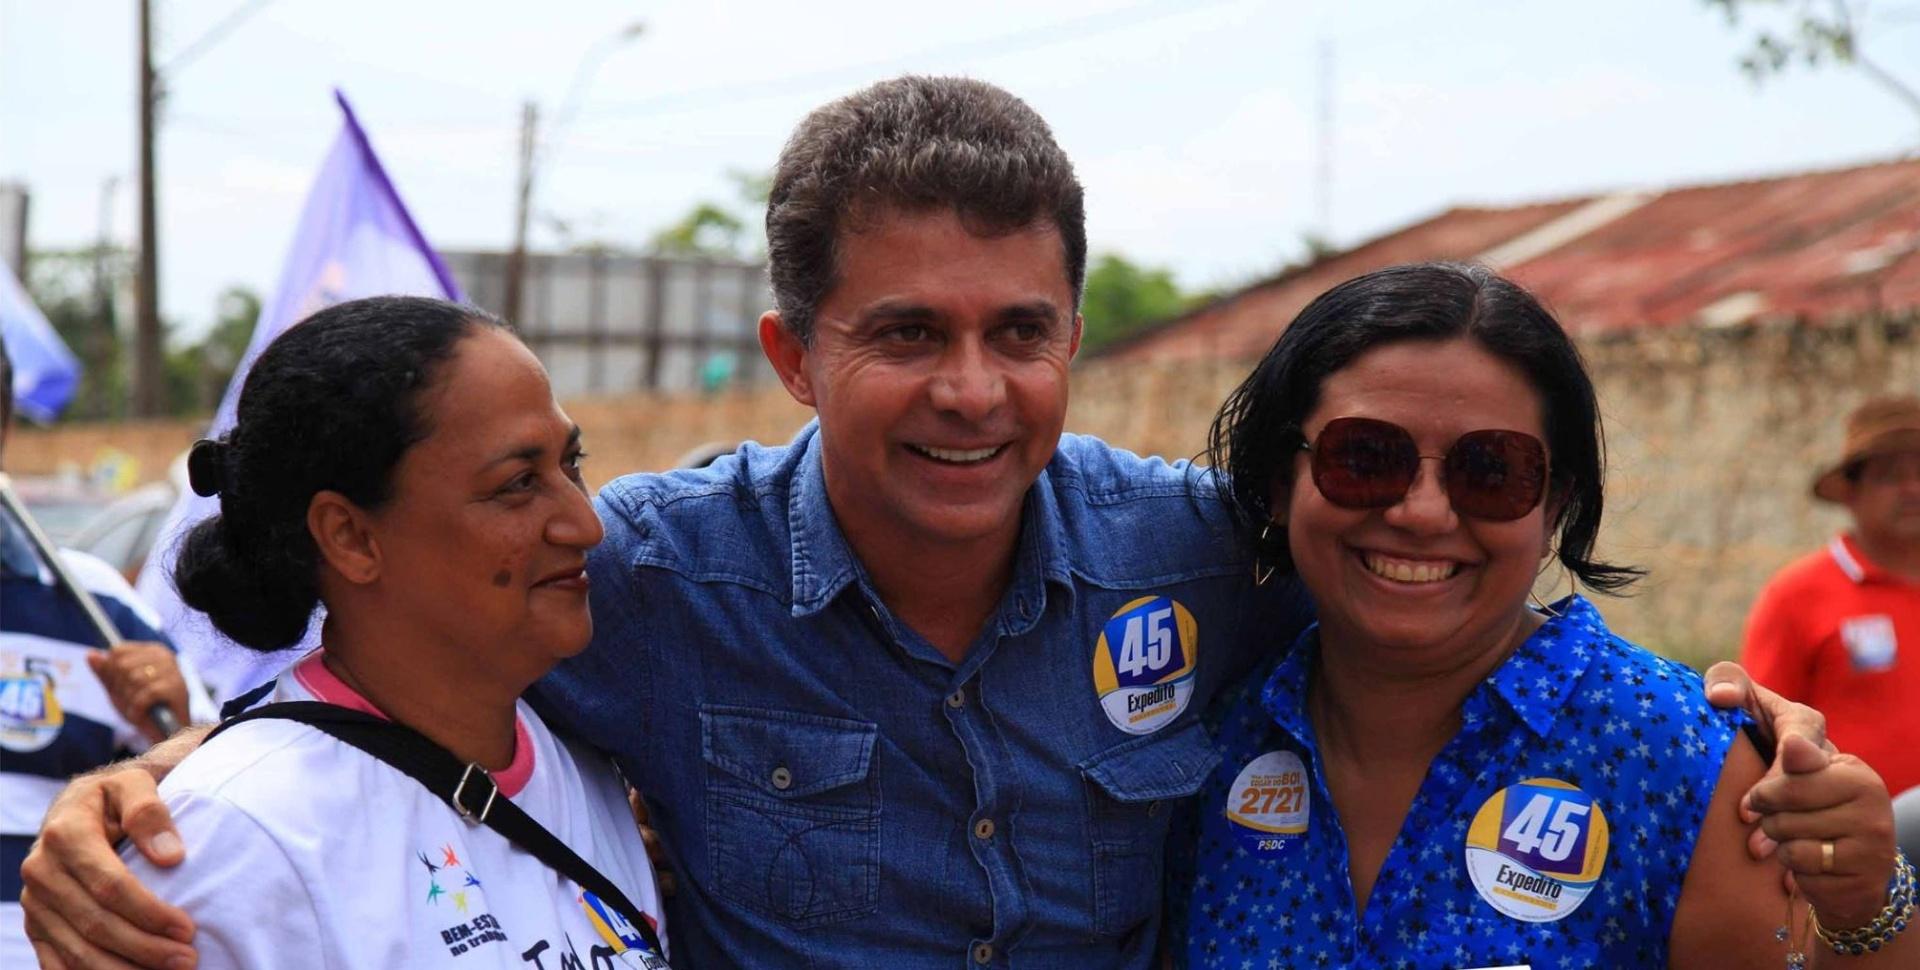 4.out.2014 - O candidato ao governo de Rondônia pelo PSDB, Expedito Junior, fez caminhada pelas ruas de Porto Velho, neste sábado, um dia antes do primeiro turno das eleições. Ele está em segundo lugar, segundo última pesquisa Ibope divulgada no dia 2 de outubro, com 35% das intenções de voto